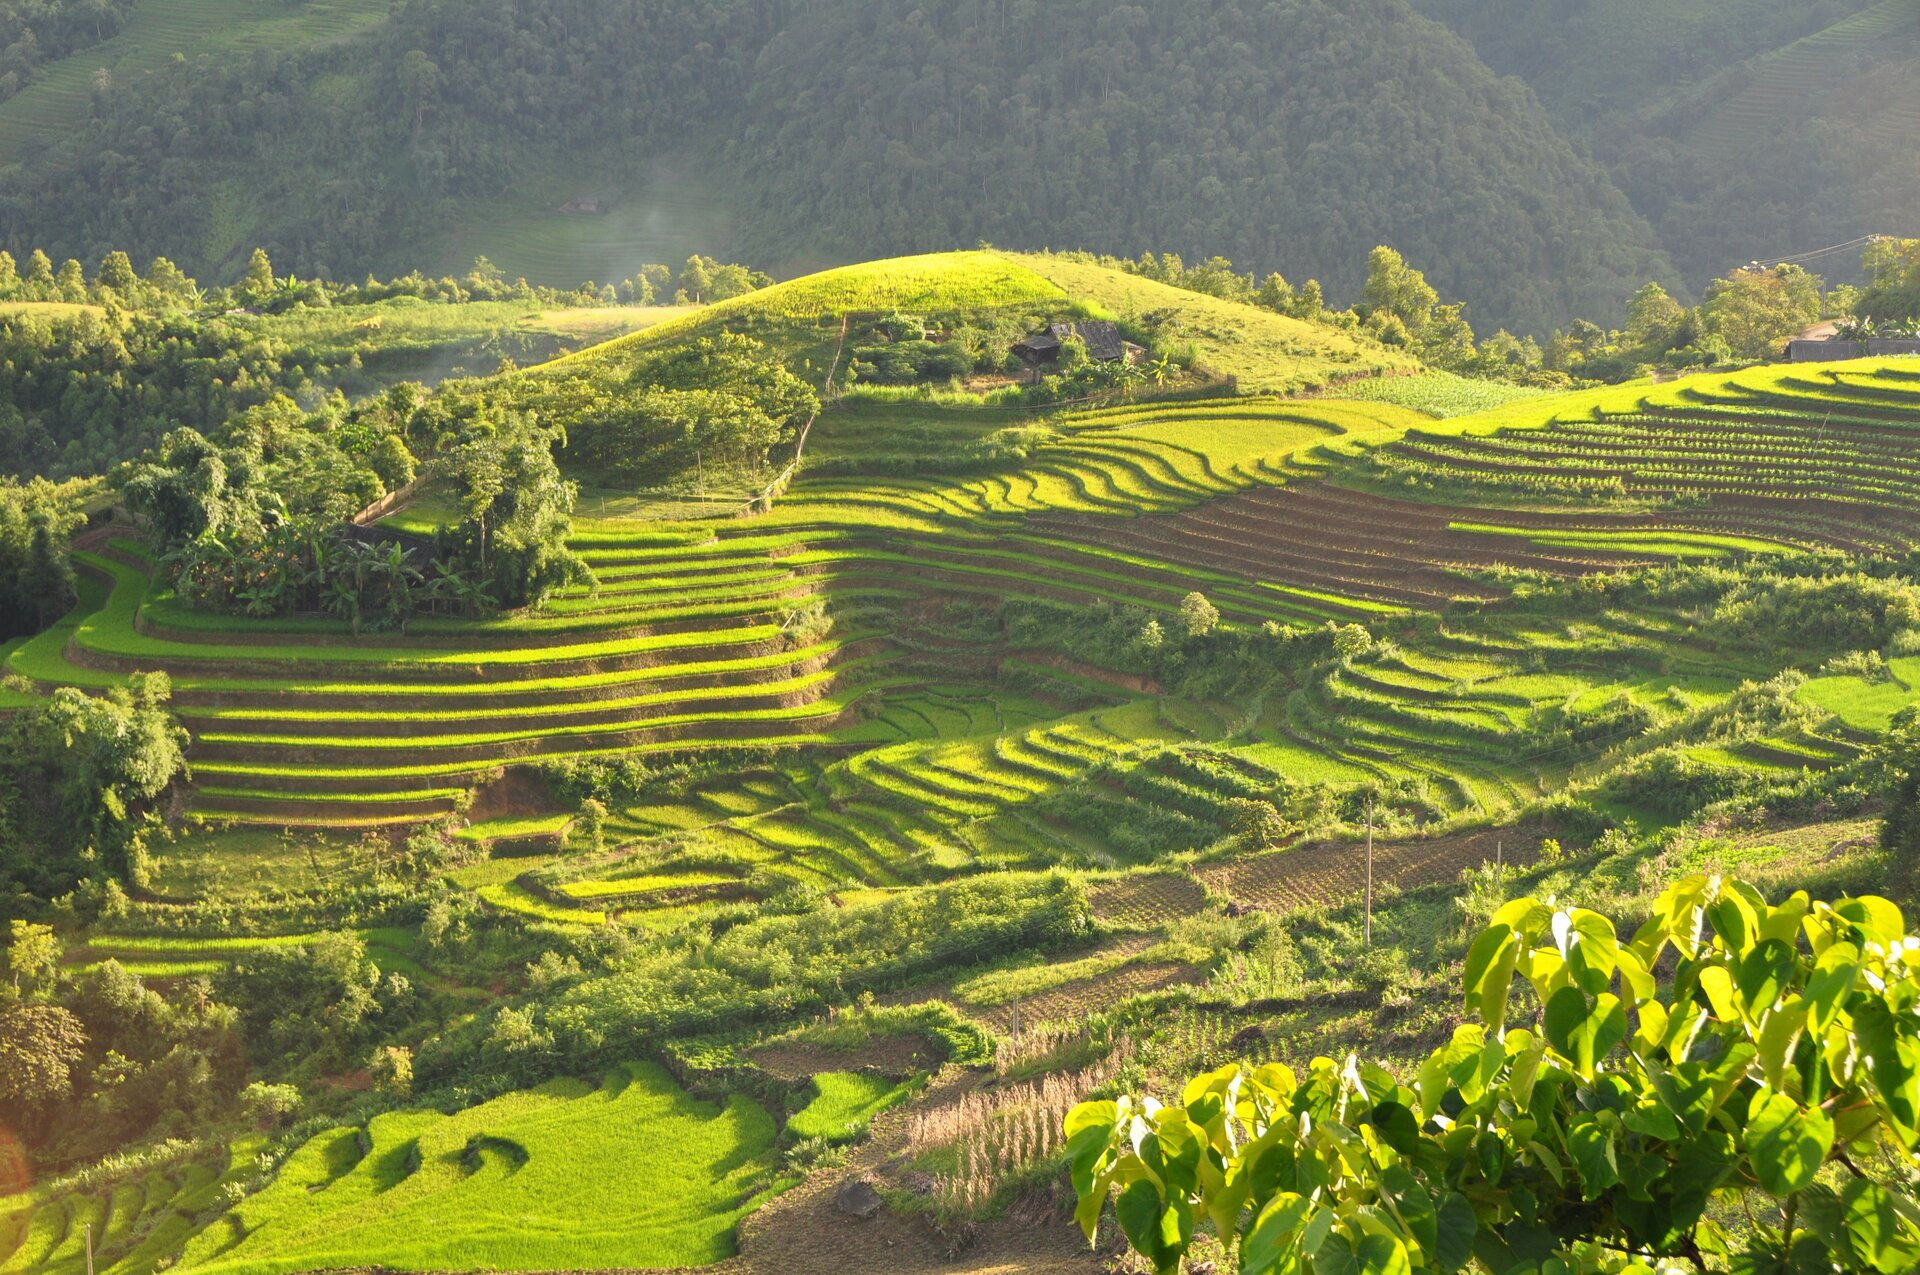 Zdjęcie przedstawia pola ryżowe wWietnamie. Słoneczny dzień. Teren górzysty. Stoki olekkim łagodnym nachyleniu. Stoki pokryte kaskadami pól ryżowych. Gdzieniegdzie pomiędzy tarasami niskie zielone drzewa. Wtle wysokie góry pokryte gęsto rosnącymi zielonymi drzewami.